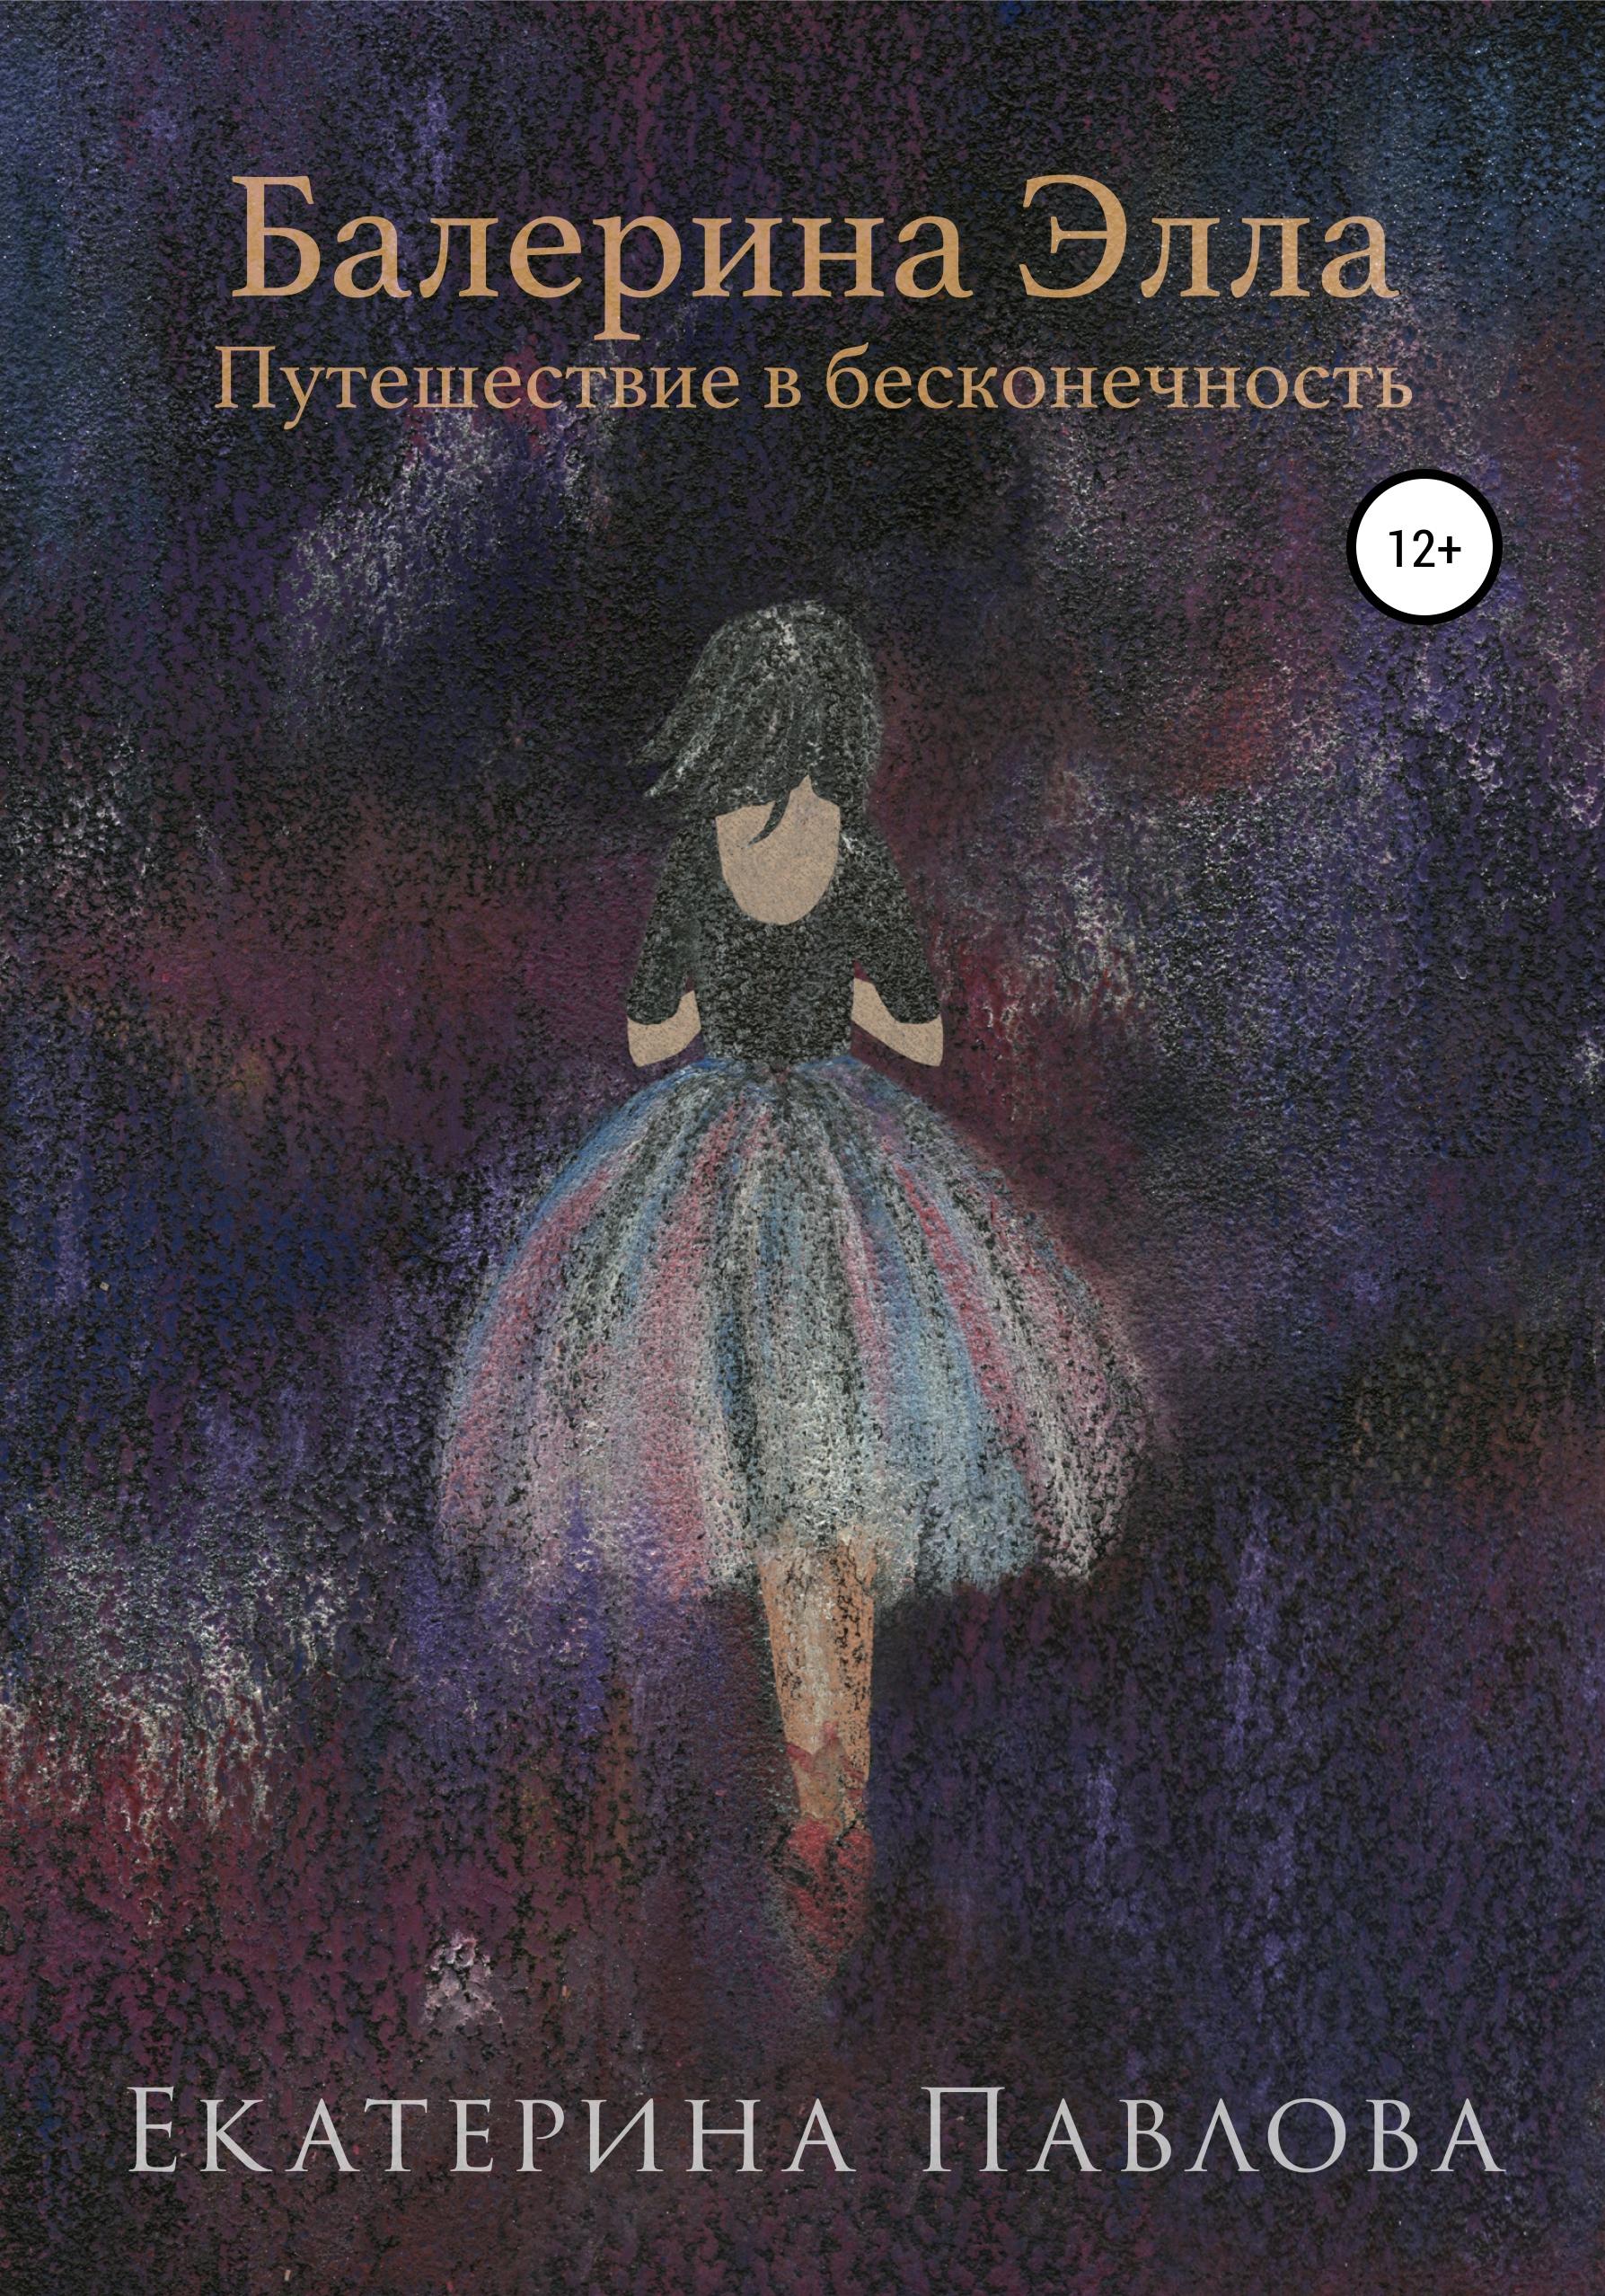 Балерина Элла. Путешествие в бесконечность